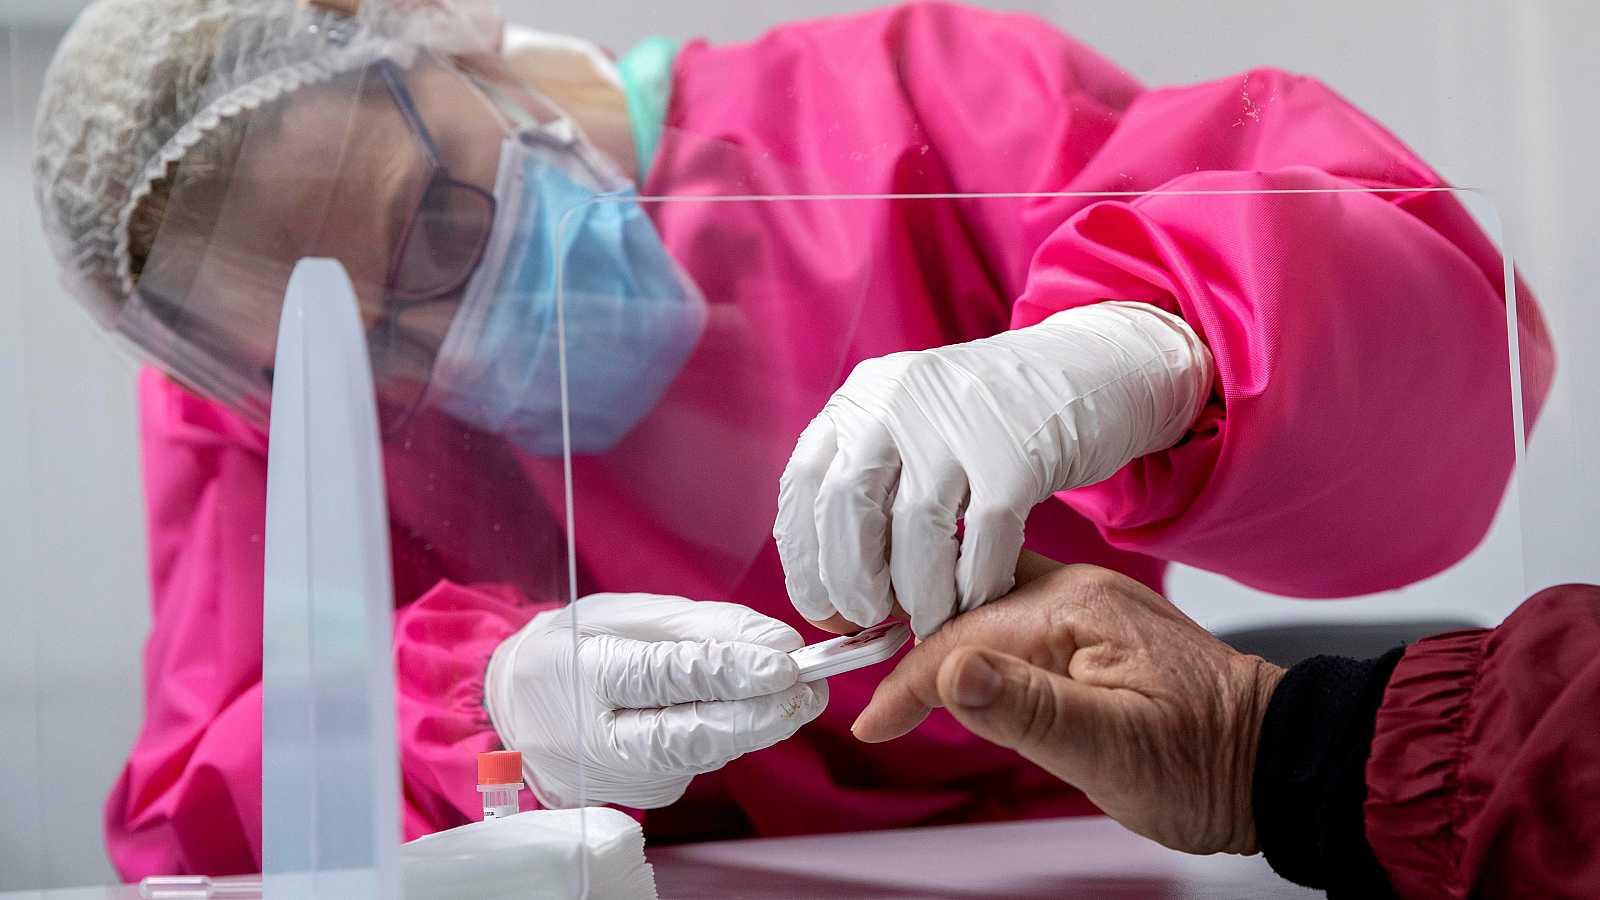 Los laboratorios privados que hacen test para detectar coronavirus están desde este martes a disposición de las comunidades autónomas, que podrán regular los precios para evitar abusos. El Gobierno ha incluido esta disposición en el BOE. Estos centro